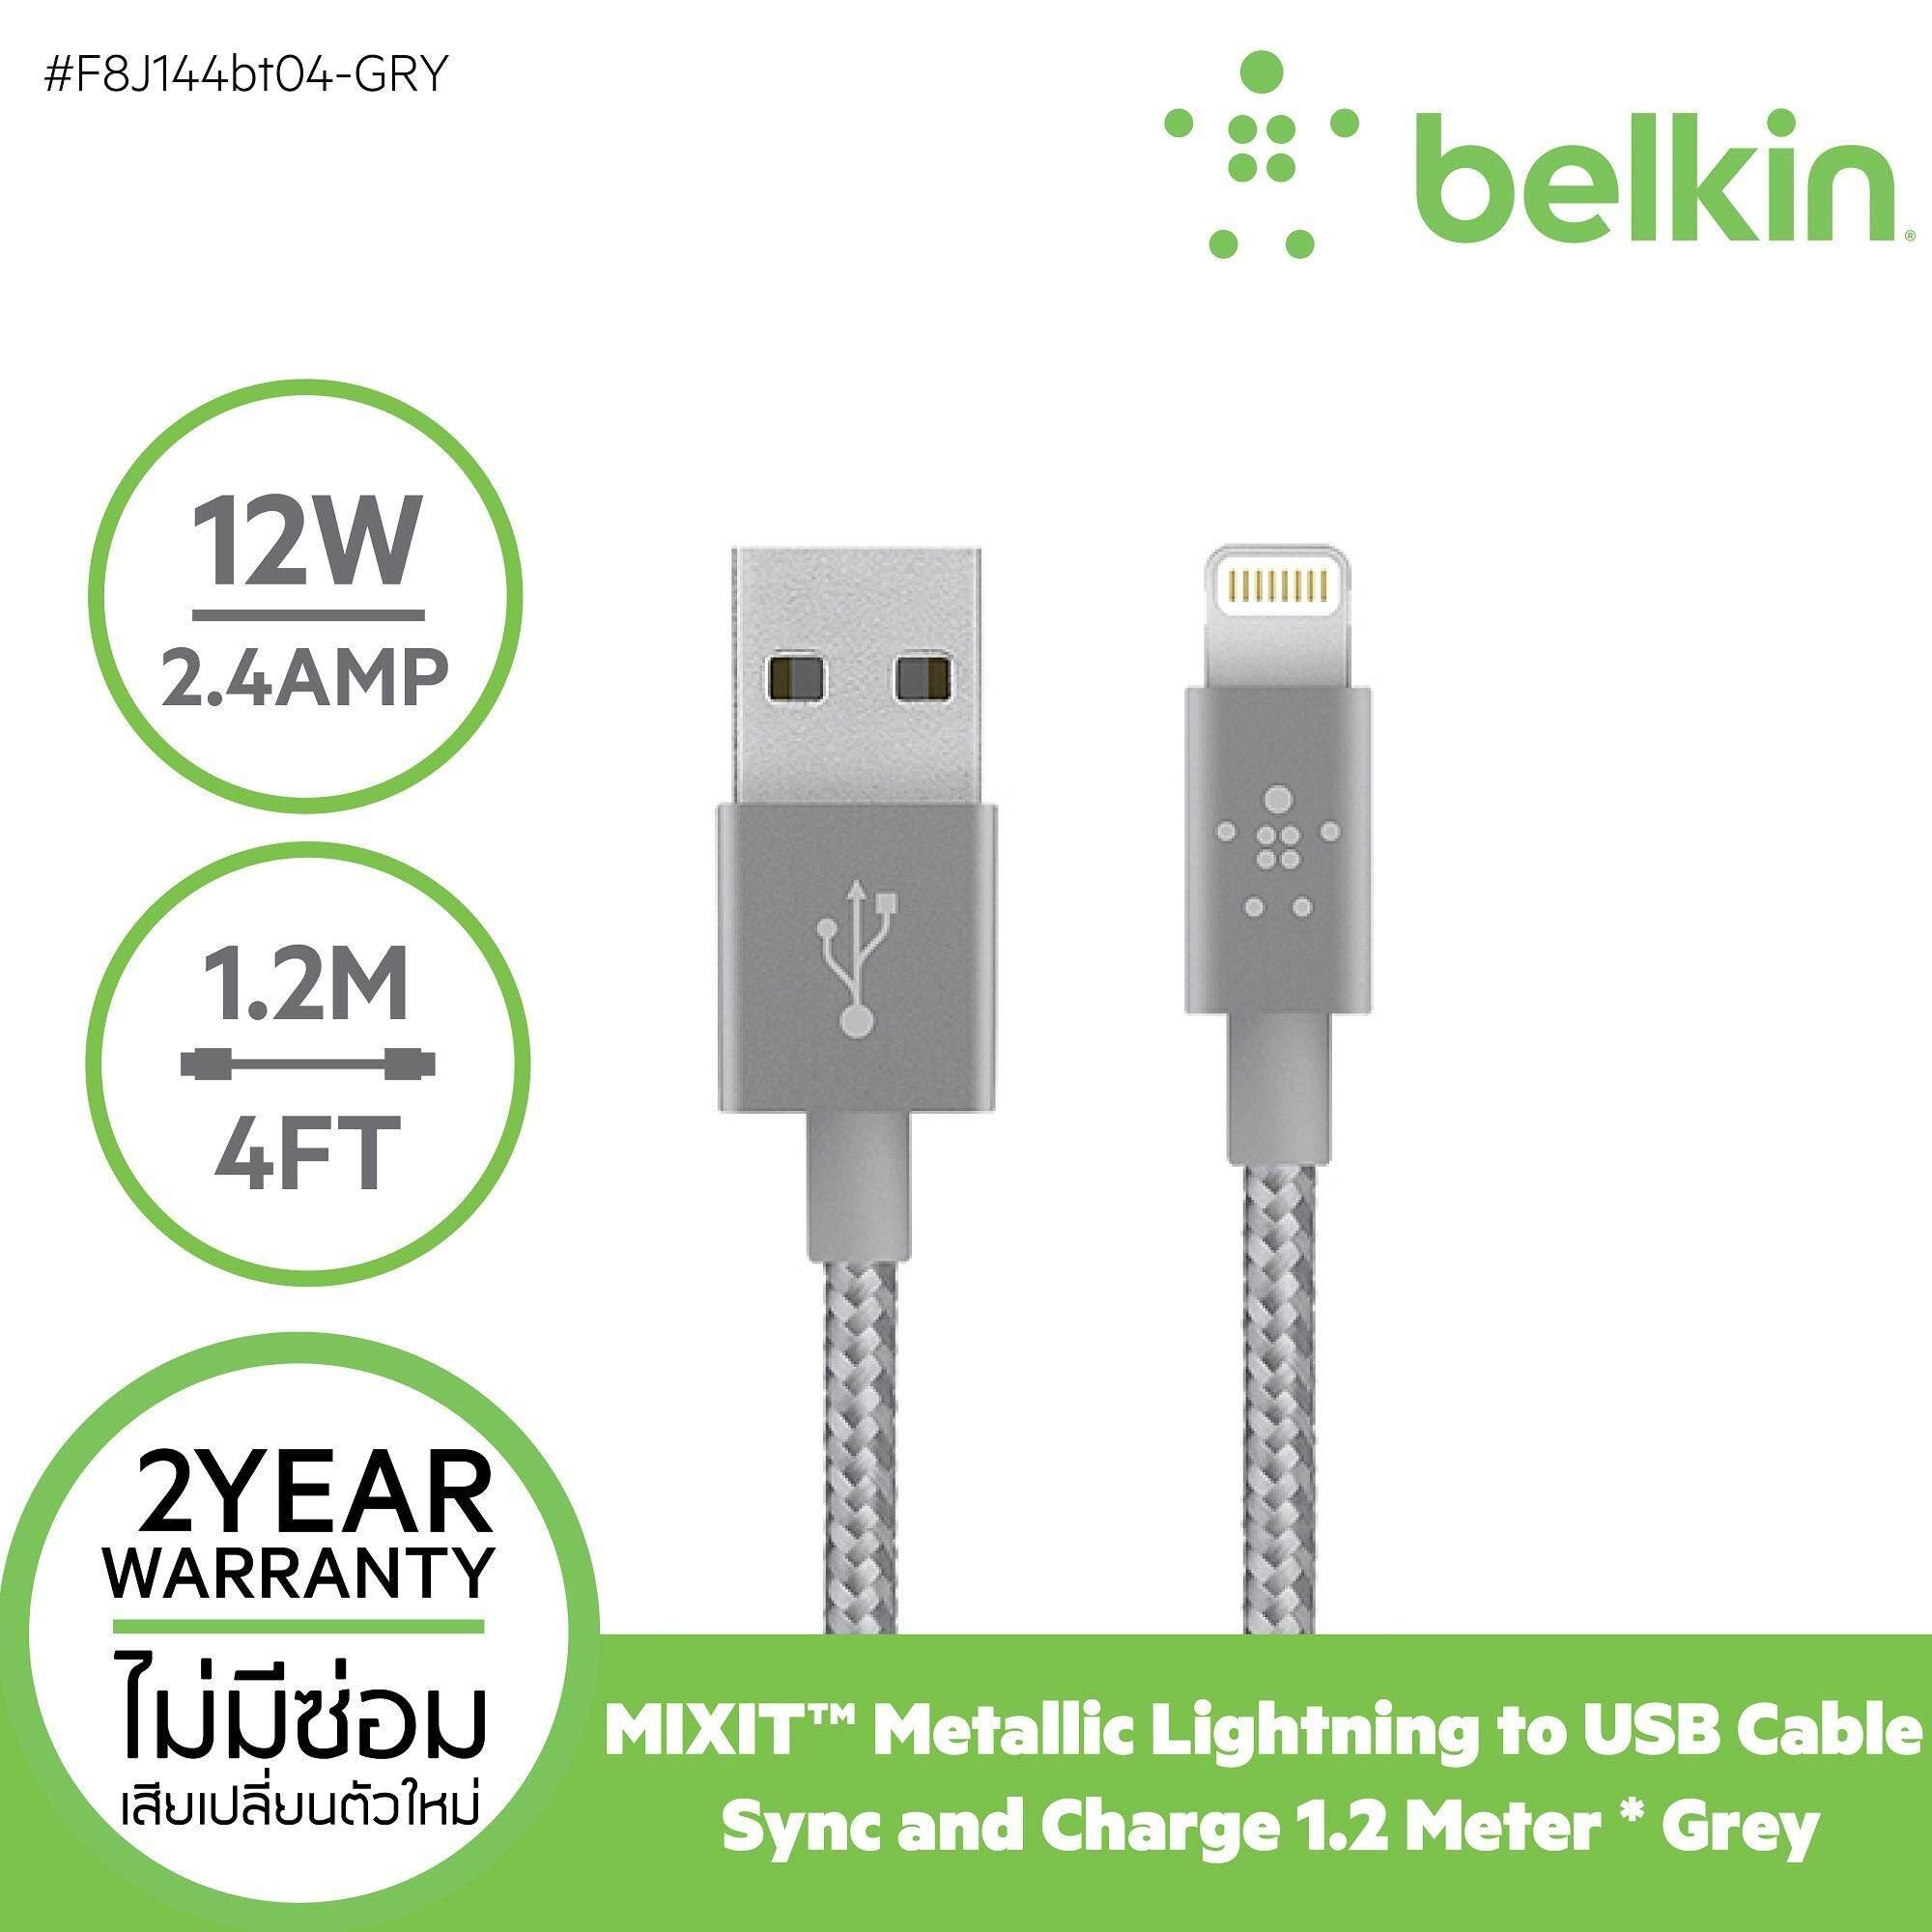 ขาย ซื้อ Belkin สายชาร์จไอโฟน รุ่น Belkin Charge And Sync Cable Metallic Lightning 1 2 เมตร สายชาร์จ สายถัก เบลคิน F8J144Bt04 Gry สำหรับ Iphone Ipad